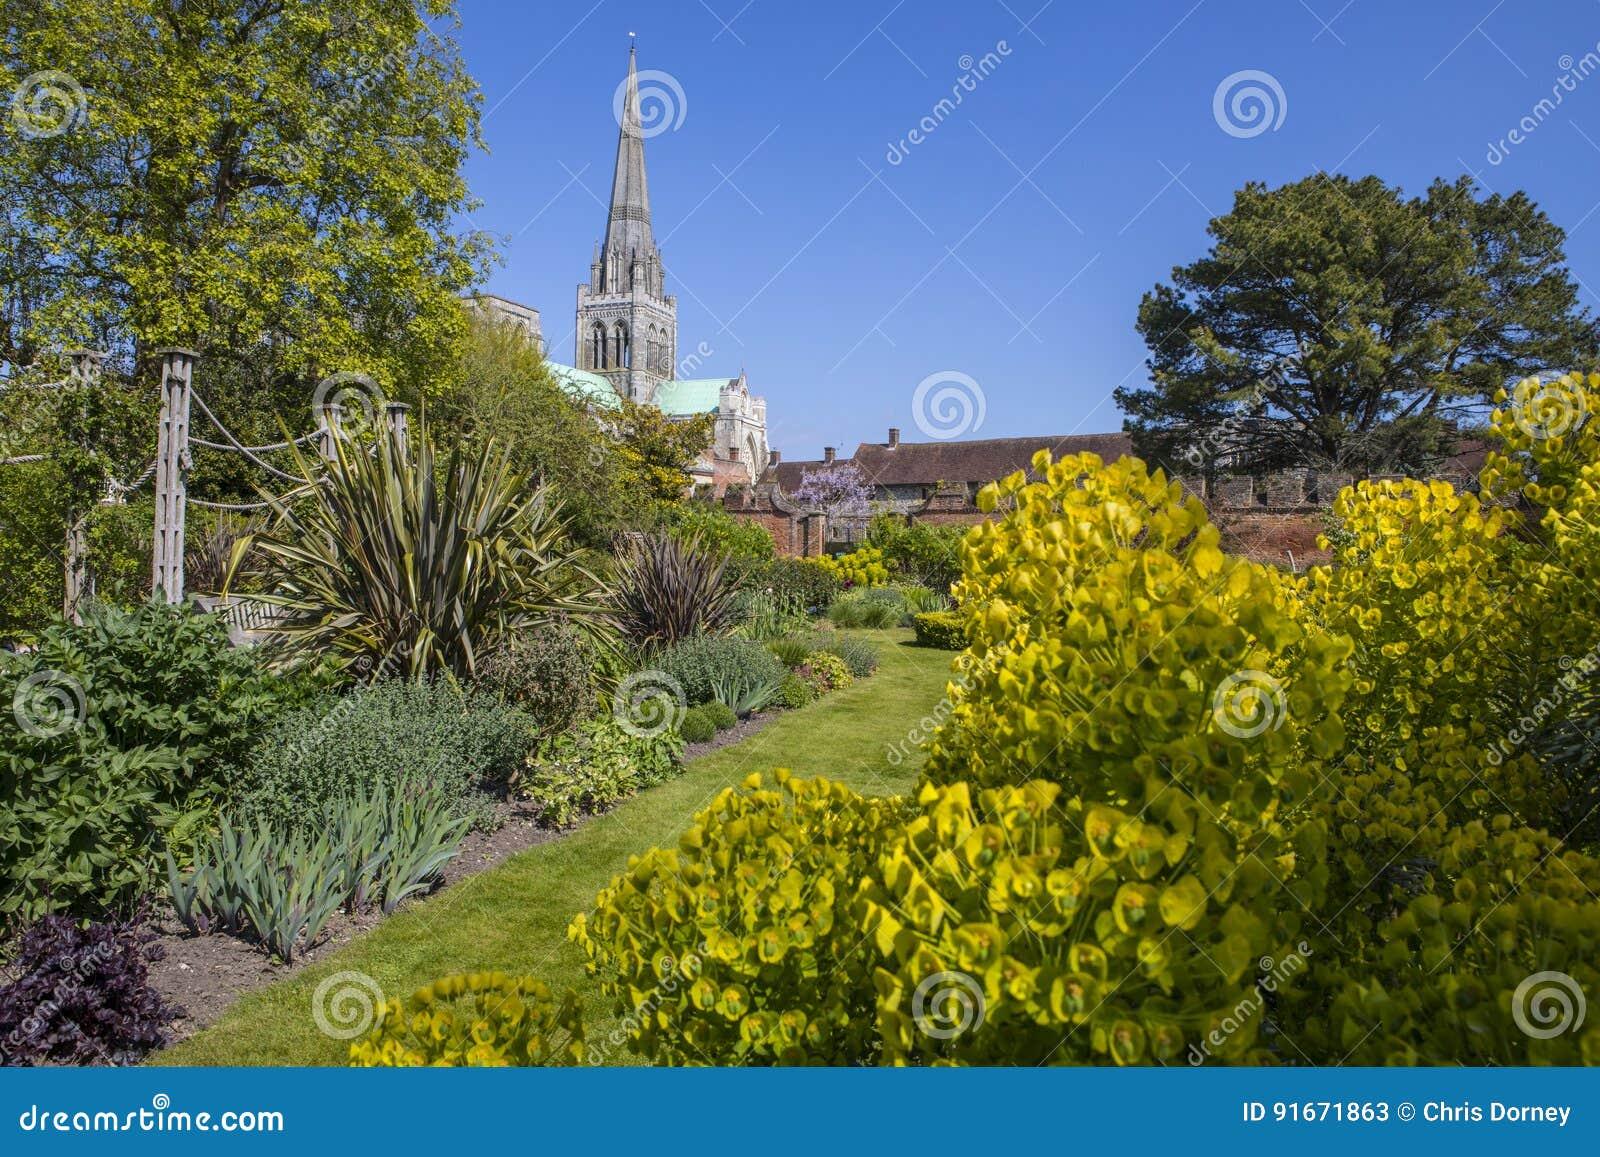 Chichester in Sussex